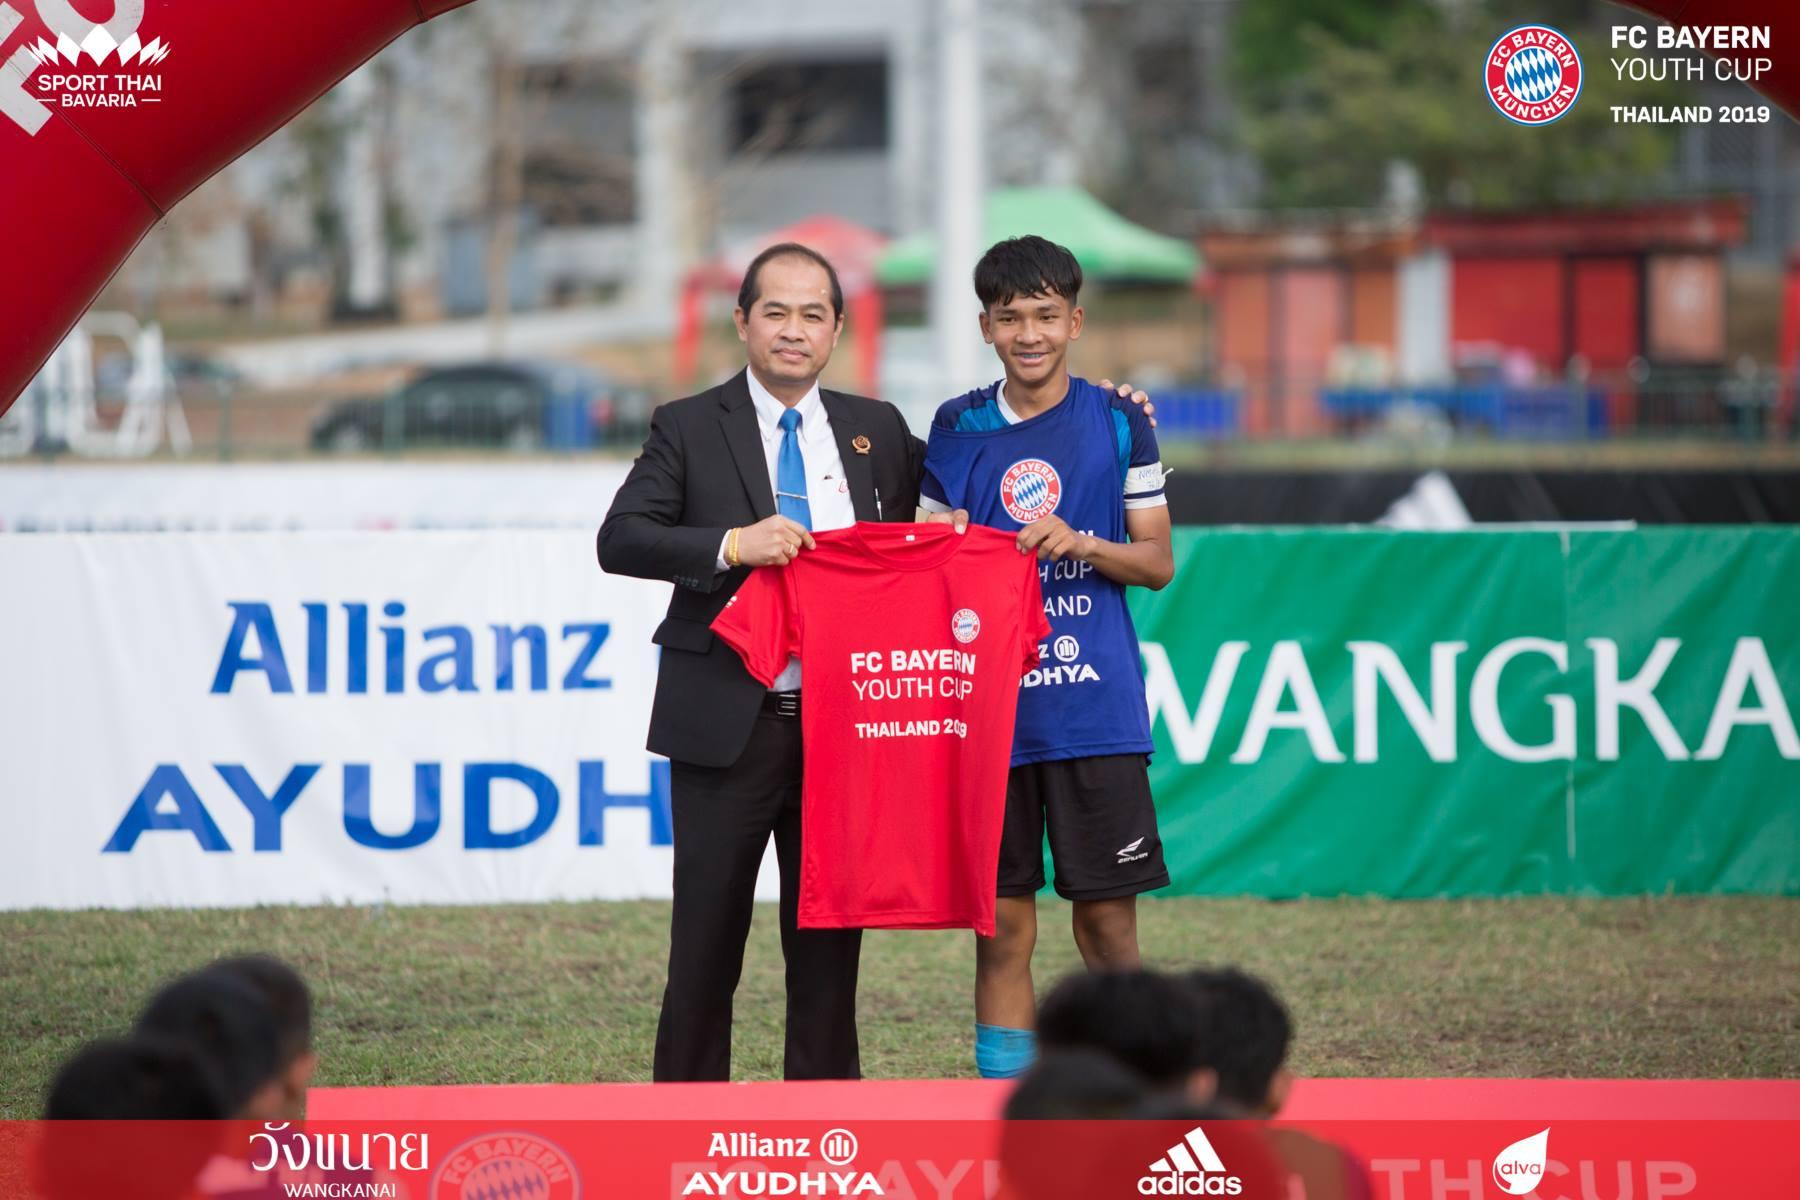 จบไปแล้วกับผลการแข่งขันรอบคัดเลือกโครงการ FC Bayern Youth Cup 2019 ที่จังหวัดนครราชสีมา